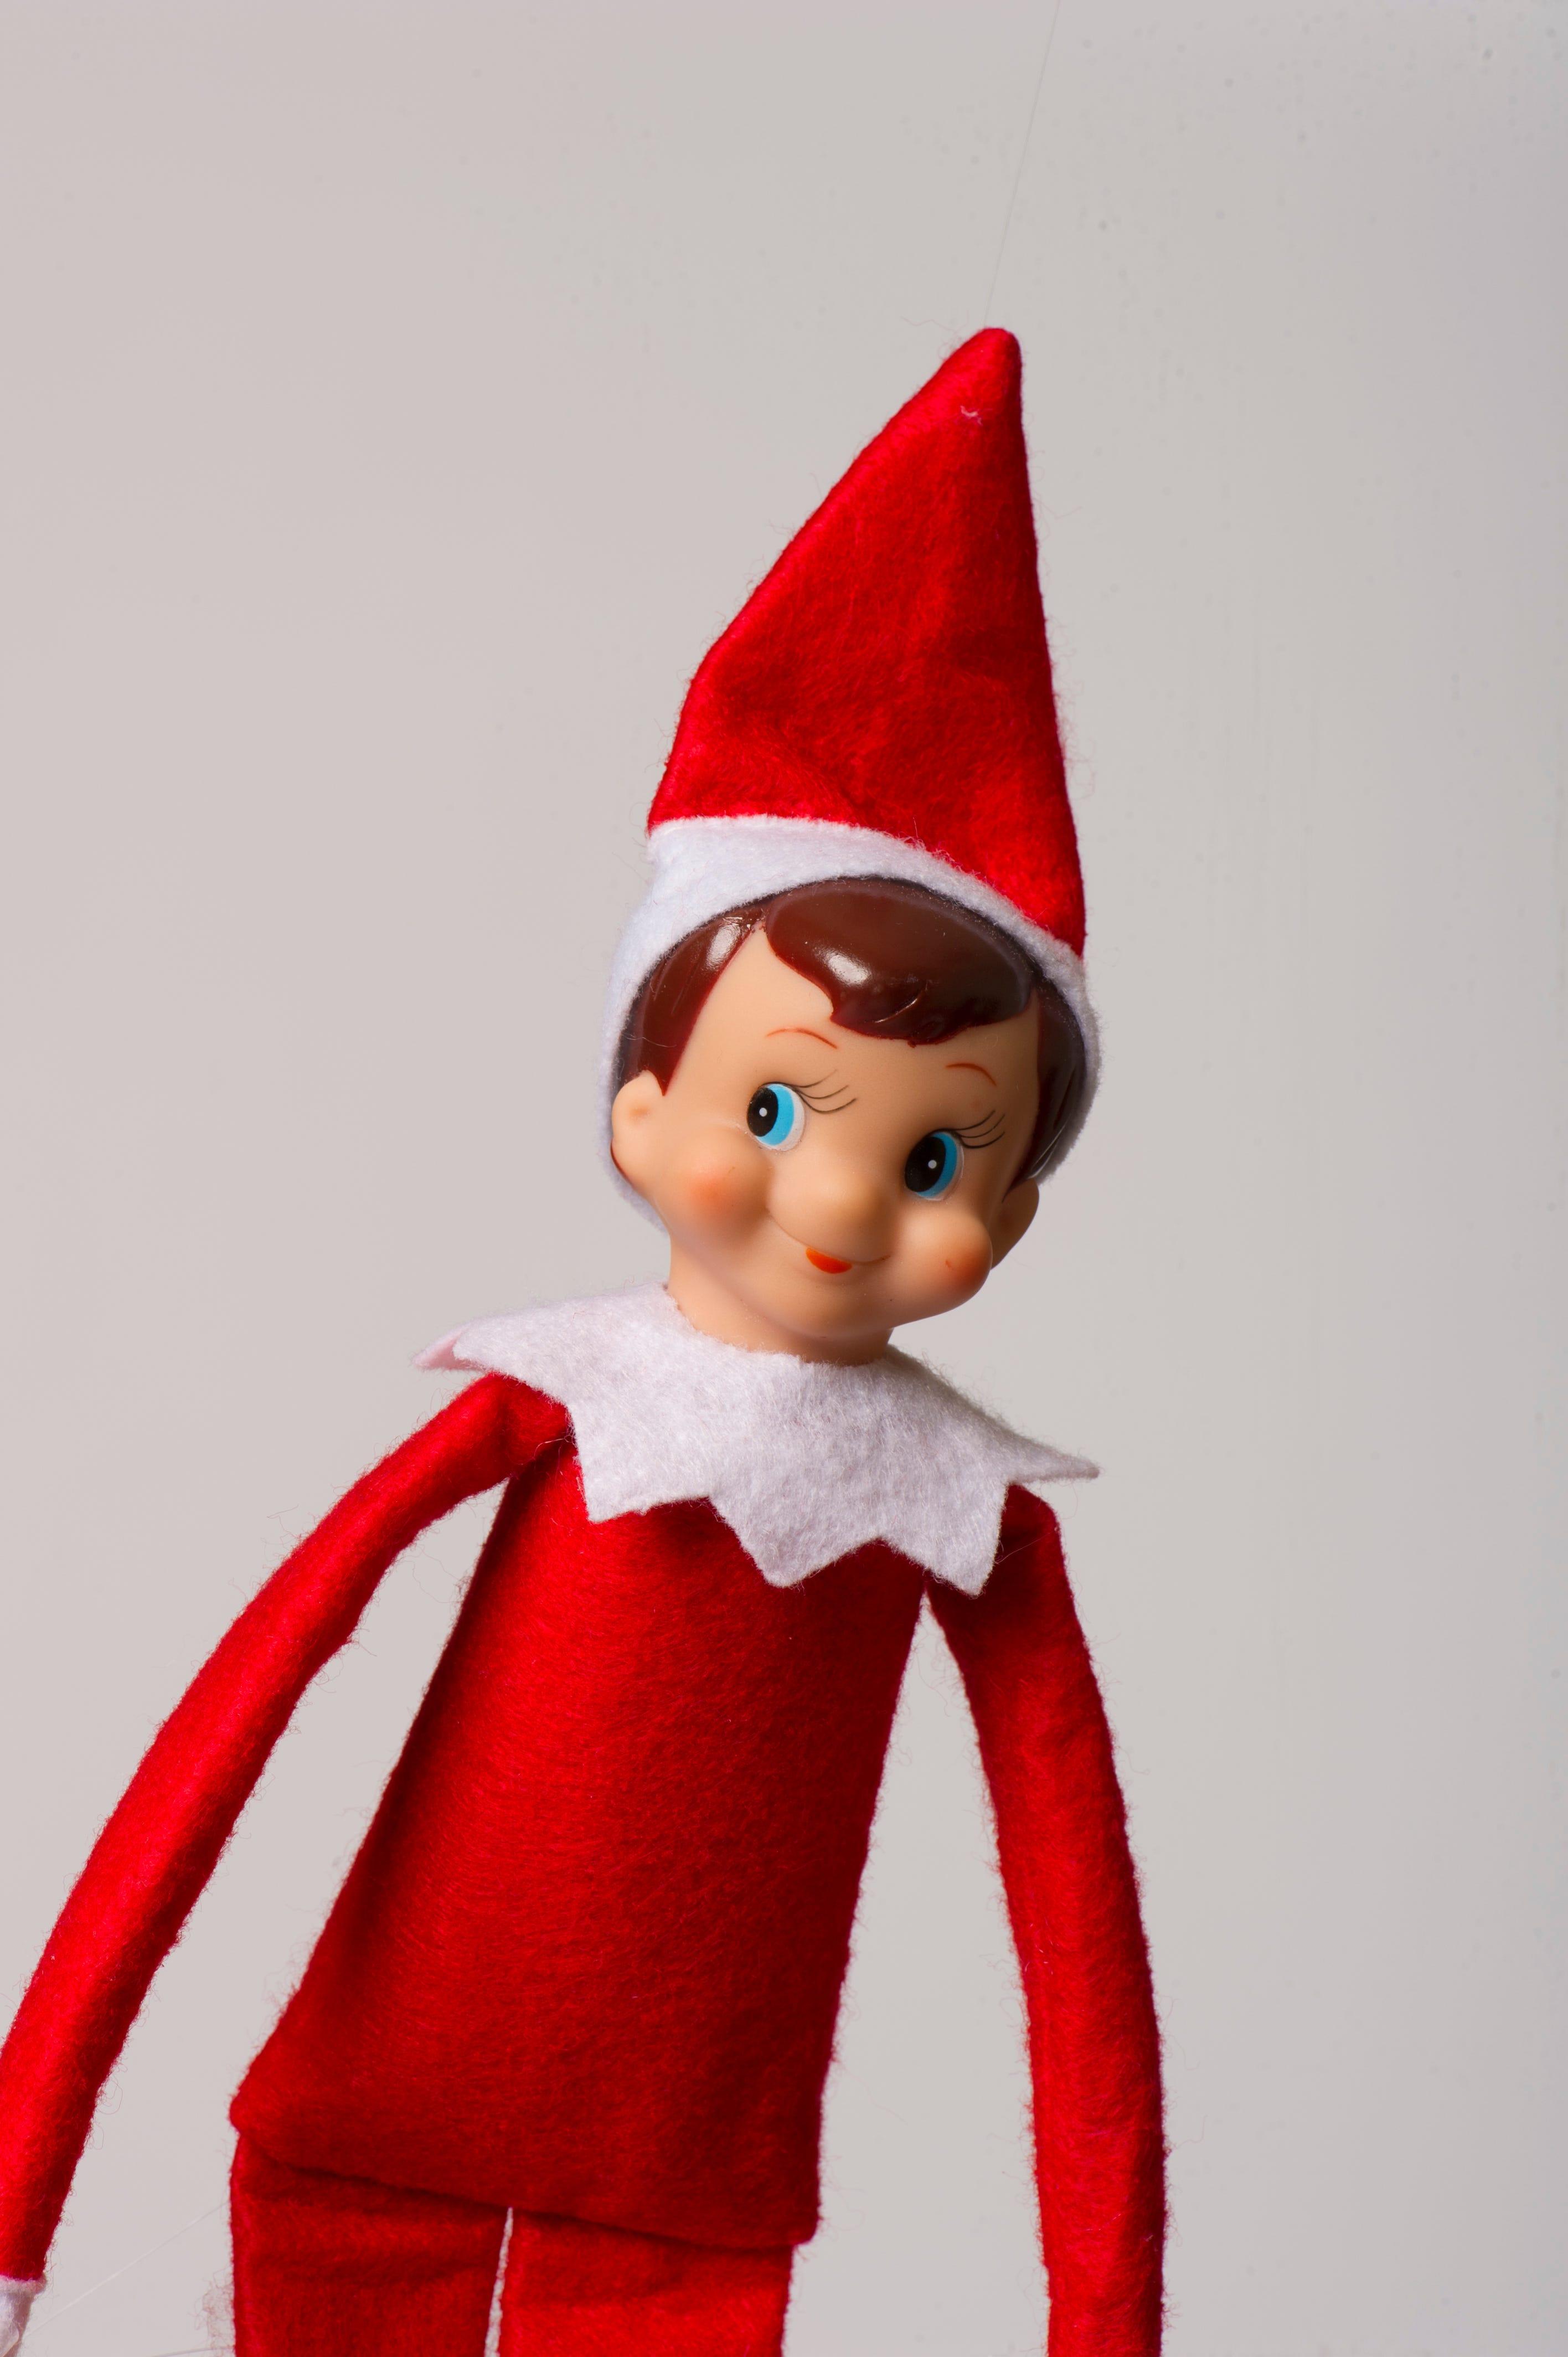 My Christmas Pajama Shirt Elf Xmas Chevronet Suken This is My Christmas Pajama Tshirt This Elf Matching Xmas